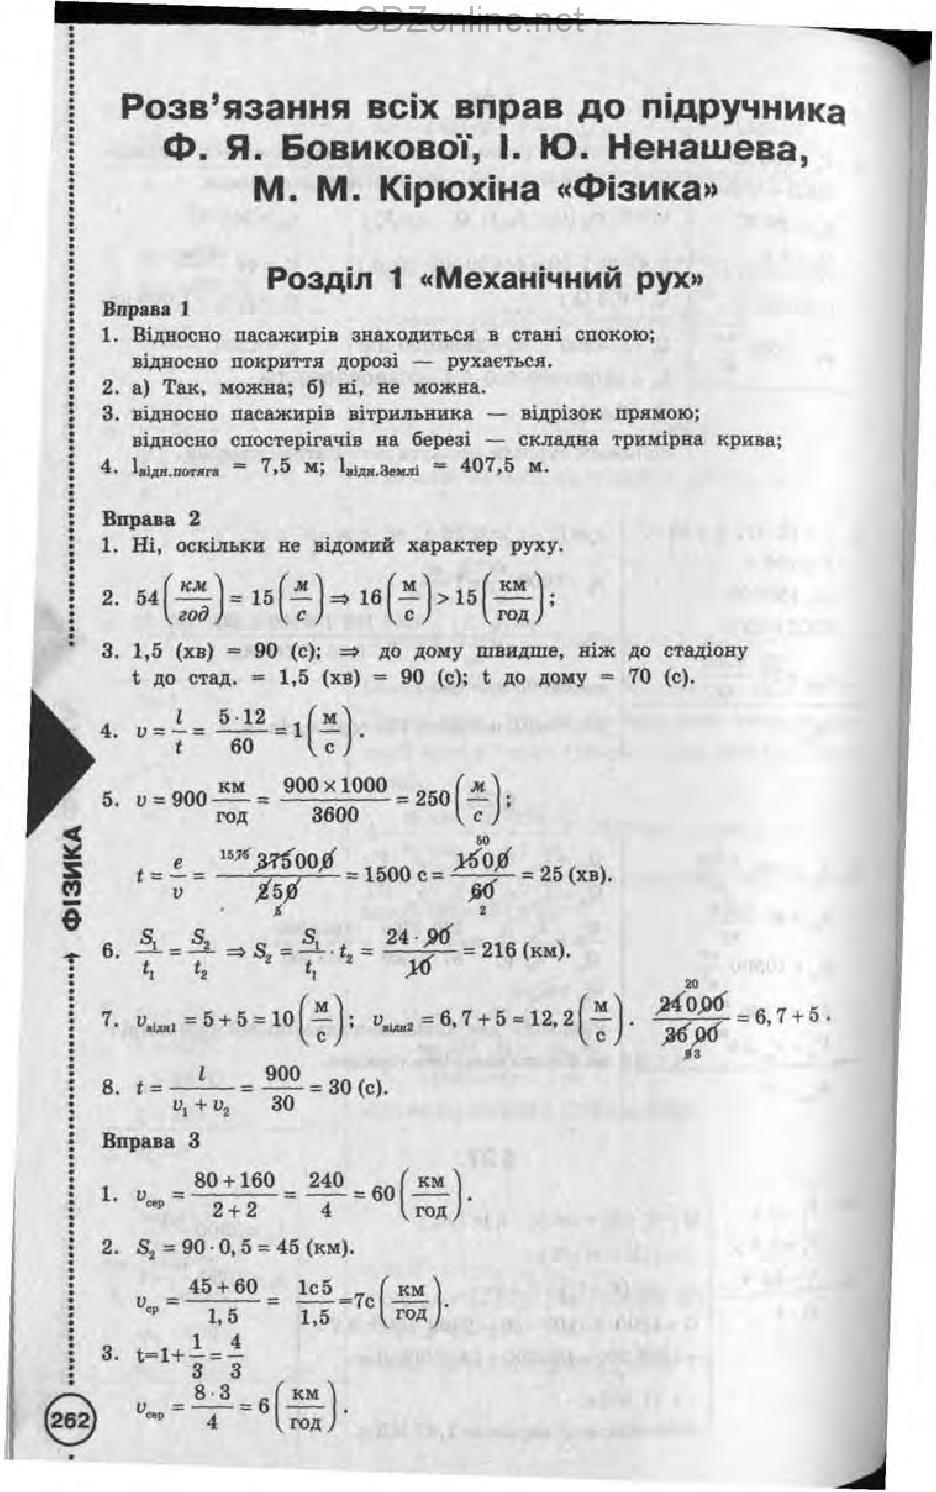 гдз з фізики 8 клас кірюхіна